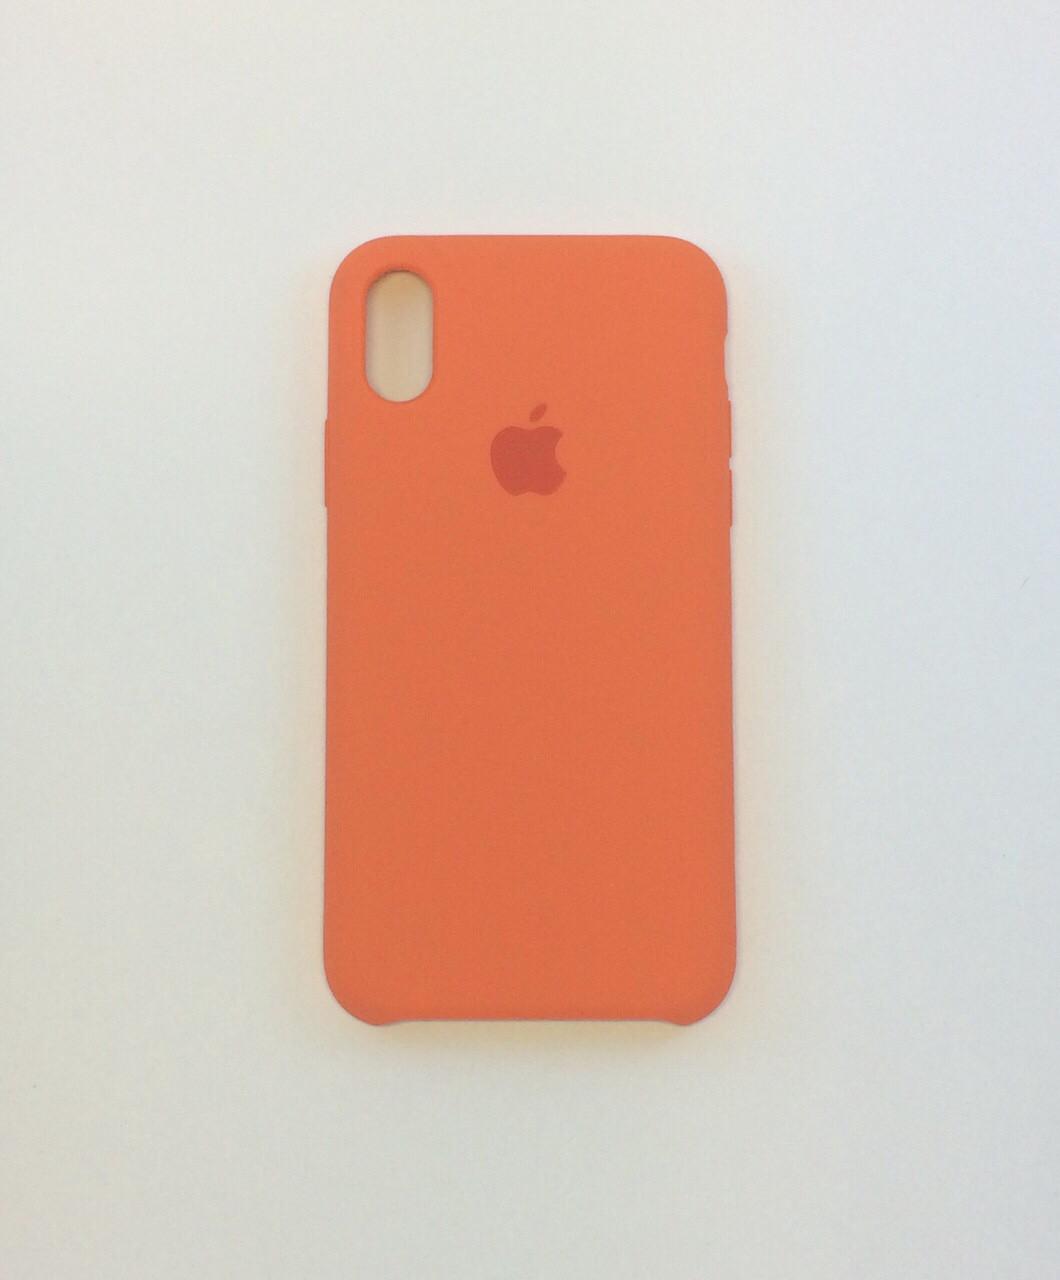 Чехол для iPhone X, сочный персик, силикон, copy original